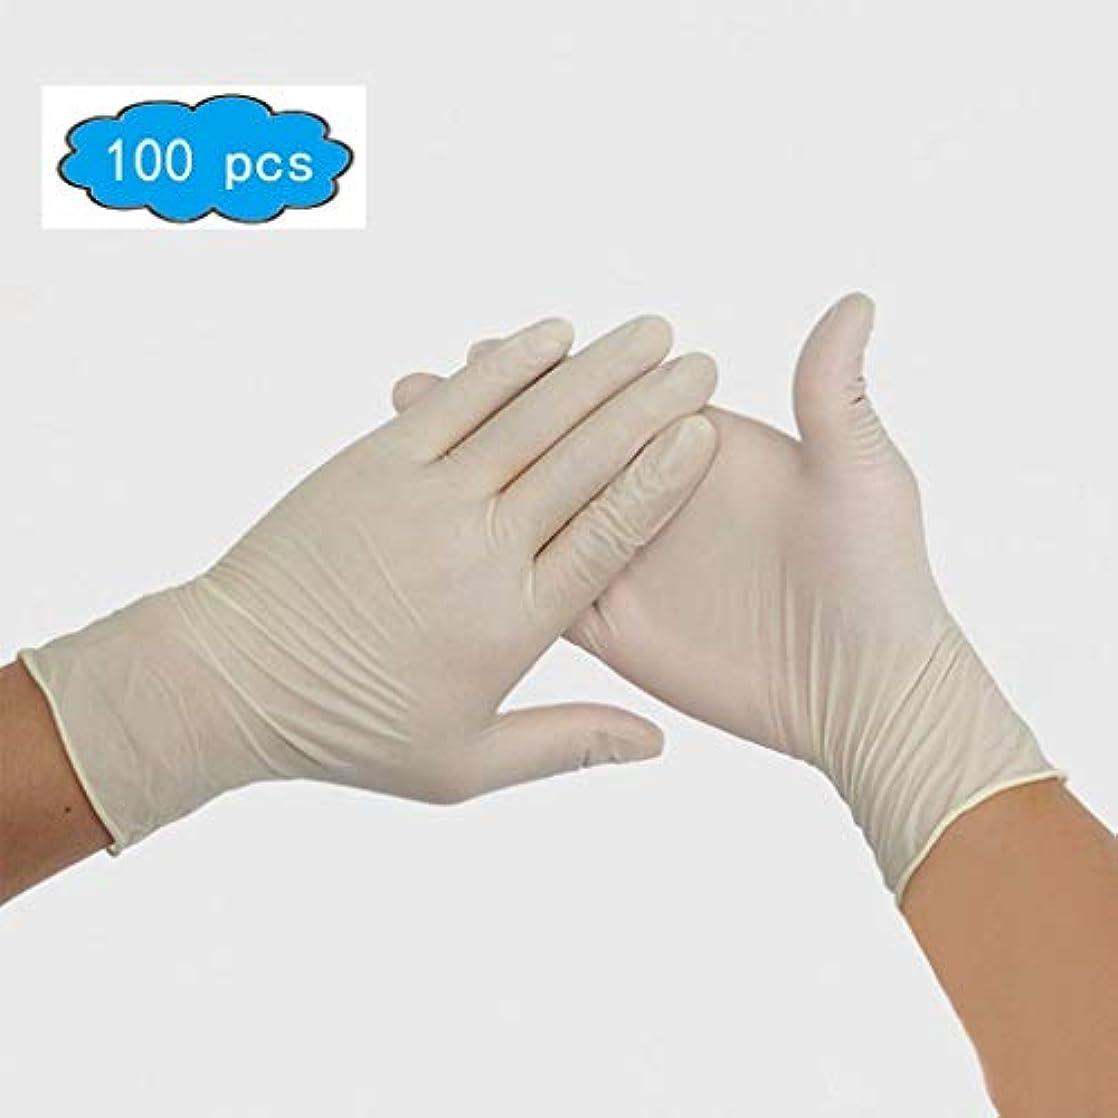 嫉妬繰り返し雪だるまを作る使い捨て安全手袋、ラテックス手袋、無菌、パウダーフリー、滑らかな接触、食品等級、大型[100パック]家庭用品 (Color : Milky, Size : M)